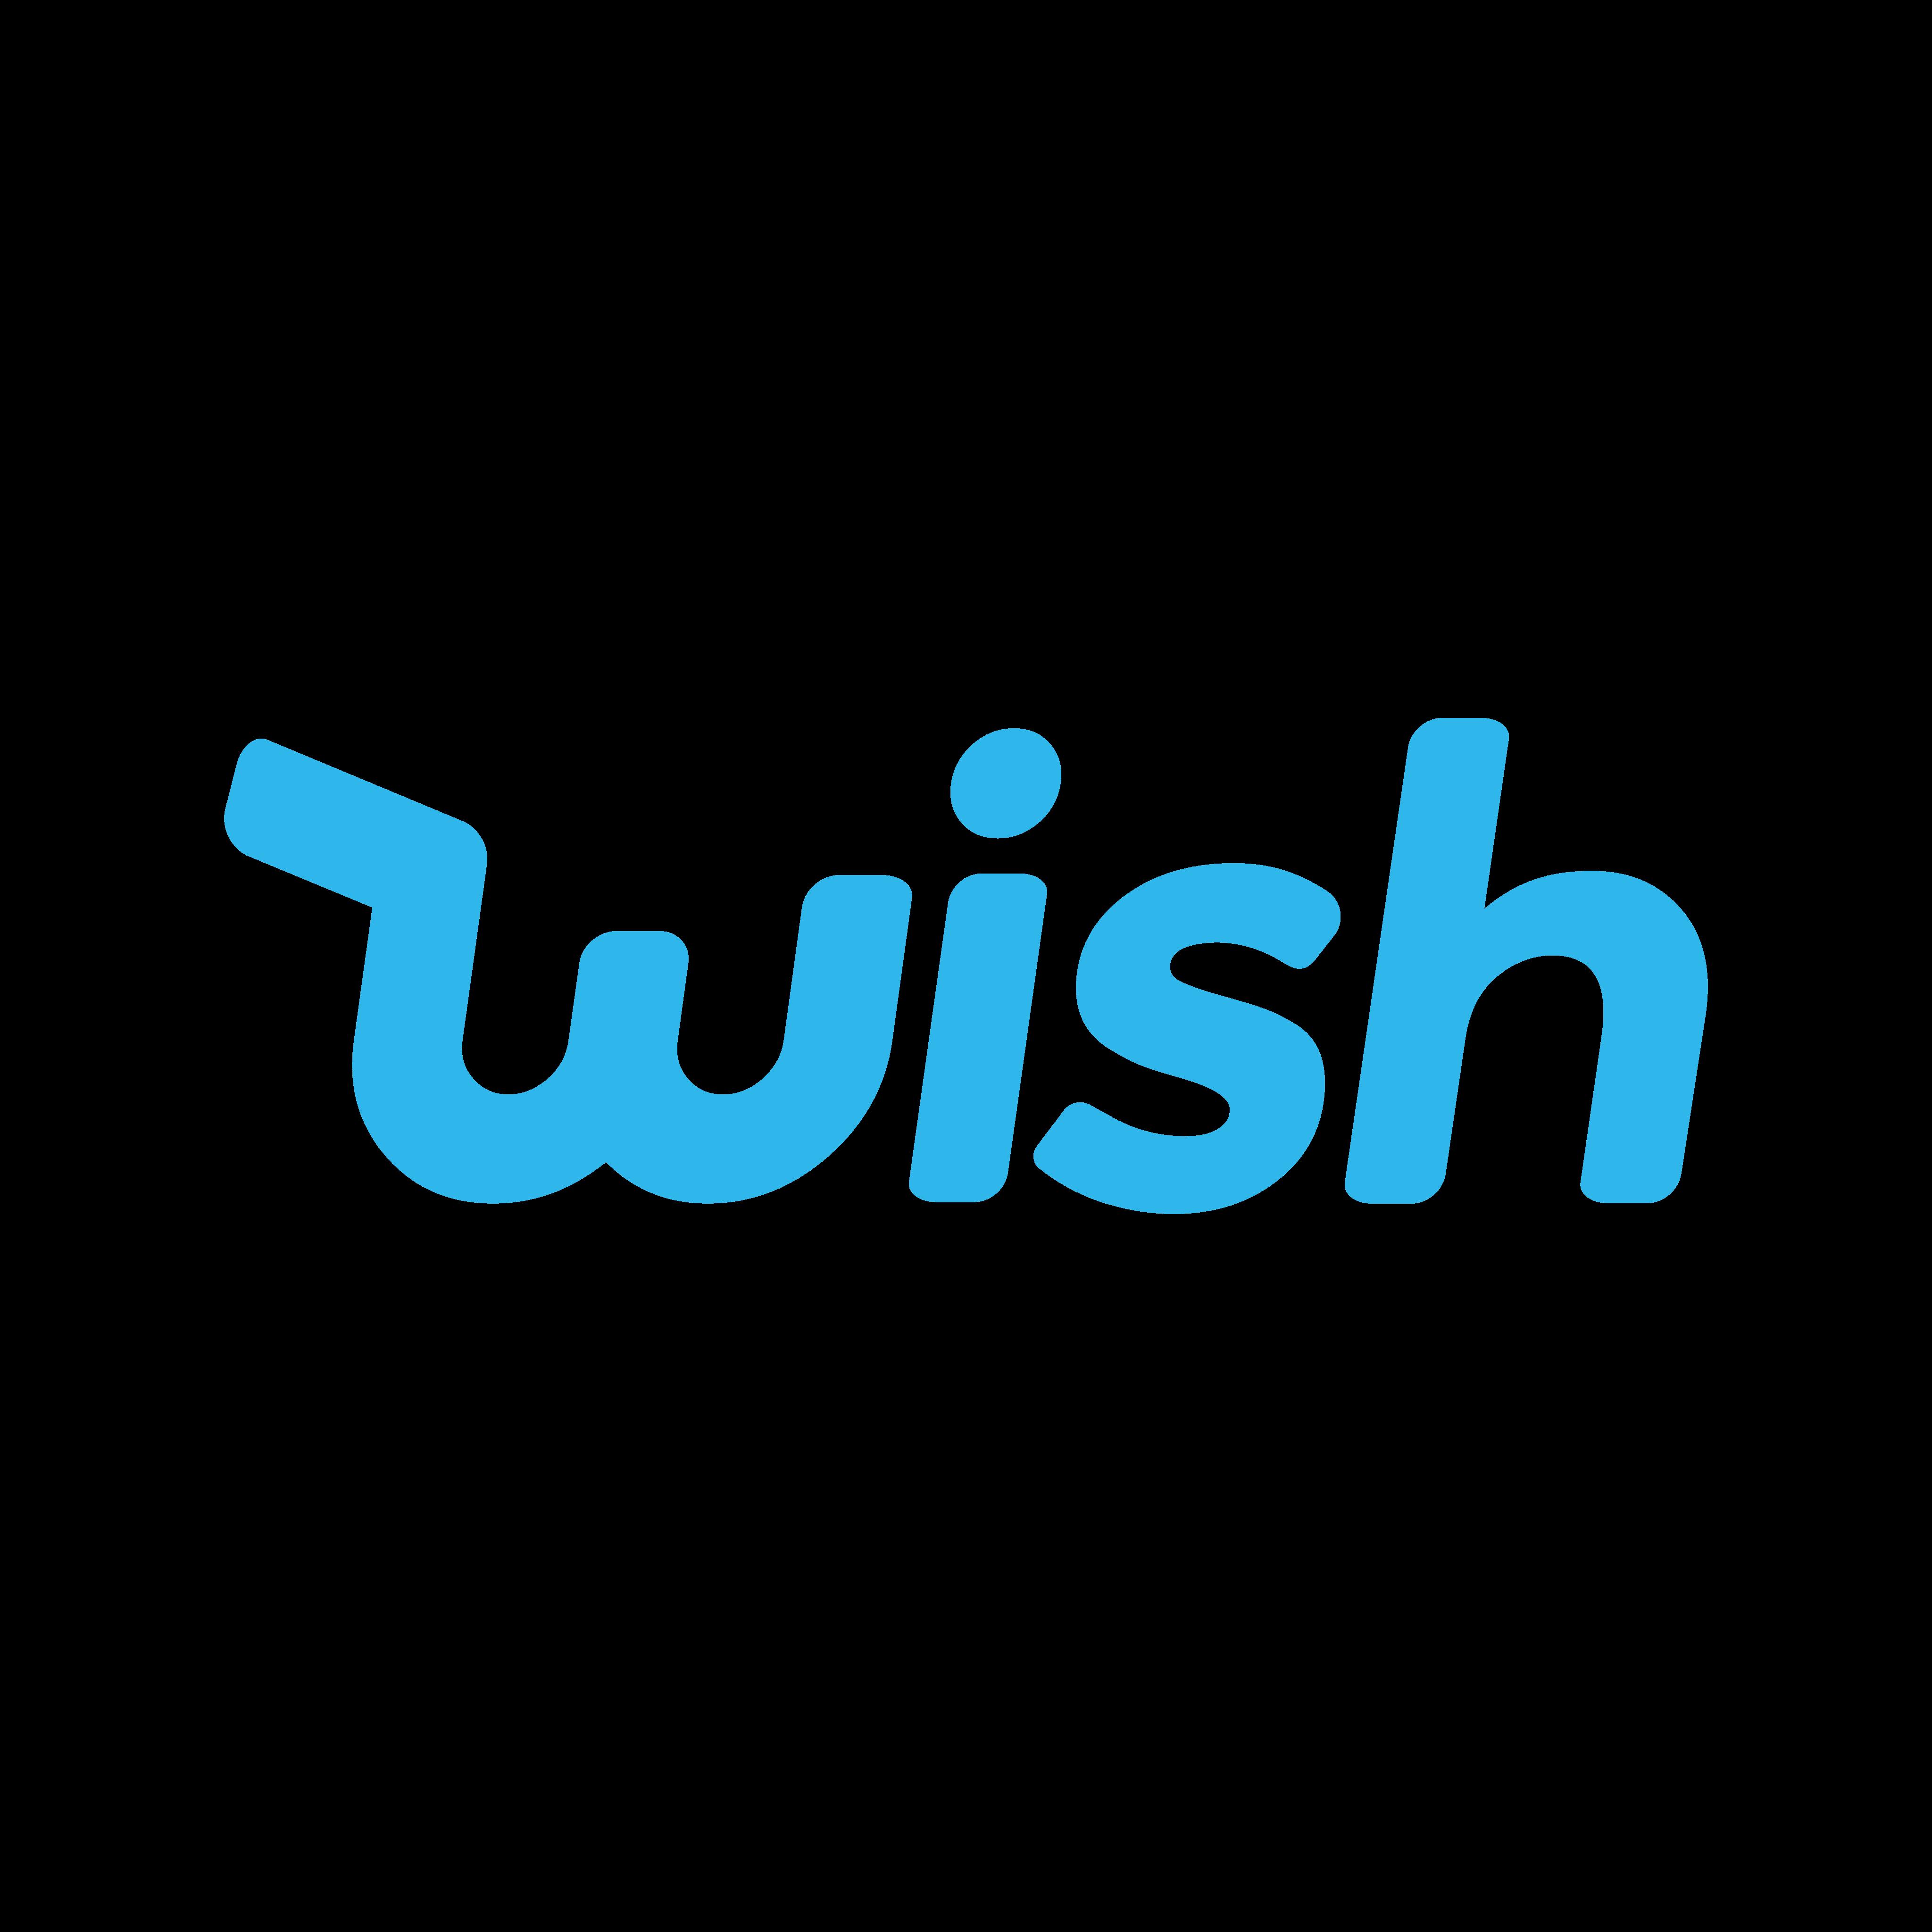 wish logo 0 - Wish Logo